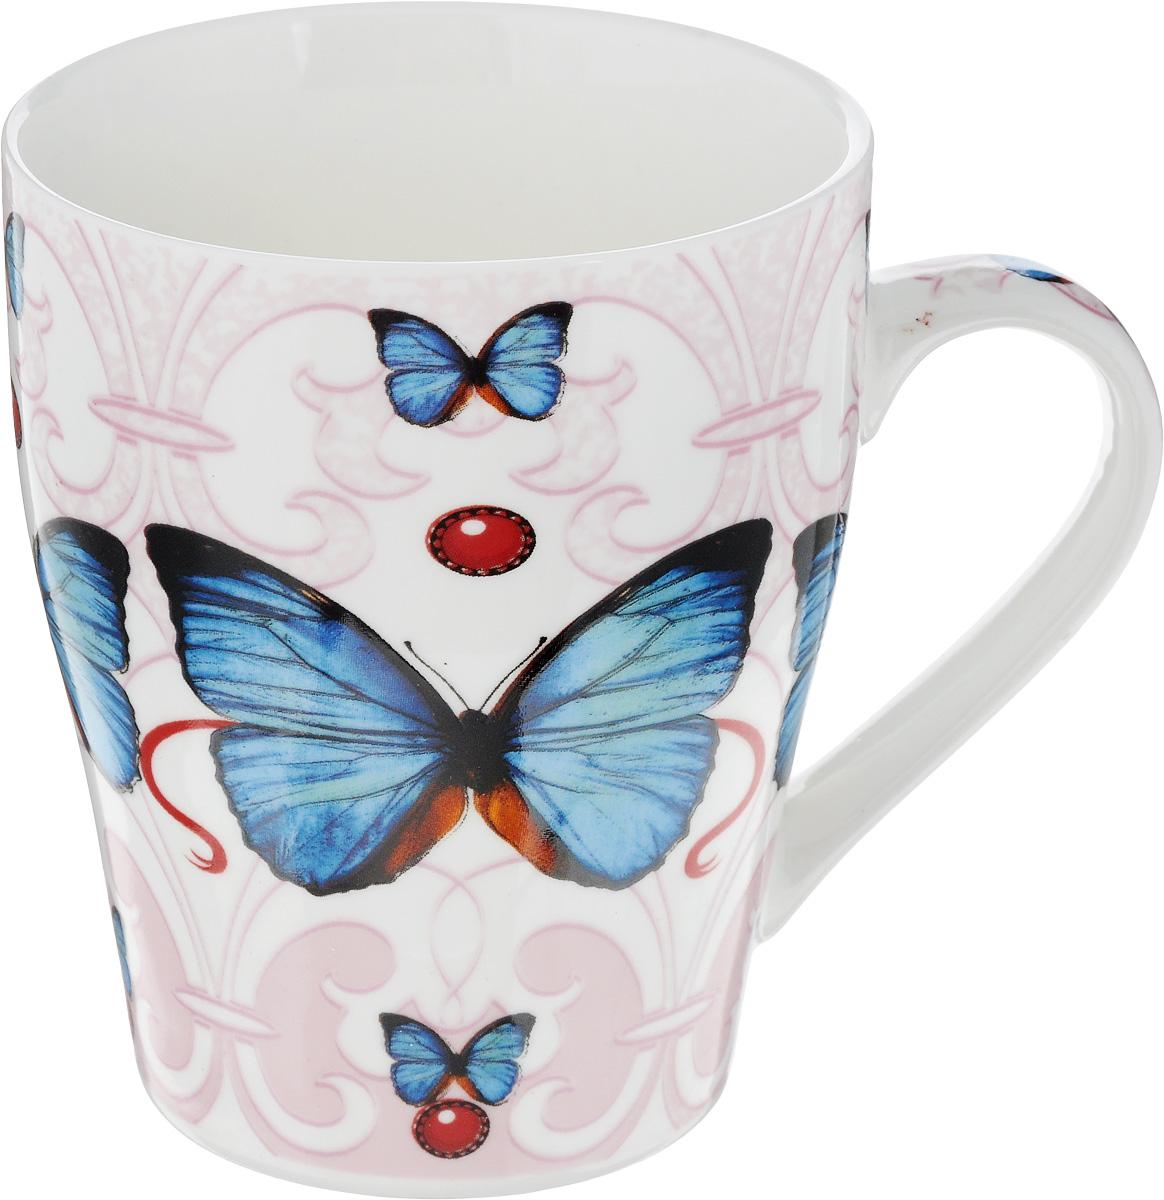 Кружка Loraine Бабочка, цвет: белый, розовый, синий, 340 мл410047Кружка Loraine Бабочка изготовлена из высококачественного костяного фарфора и оформлена стильным рисунком. Изящный дизайн придется по вкусу и ценителям классики, и тем, кто предпочитает современный стиль. Она настроит на позитивный лад и подарит хорошее настроение с самого утра. Кружка Loraine Бабочка - идеальный и необходимый подарок для вашего дома и для ваших друзей в праздники.Диаметр кружки: 8 см.Высота стенки: 10 см.